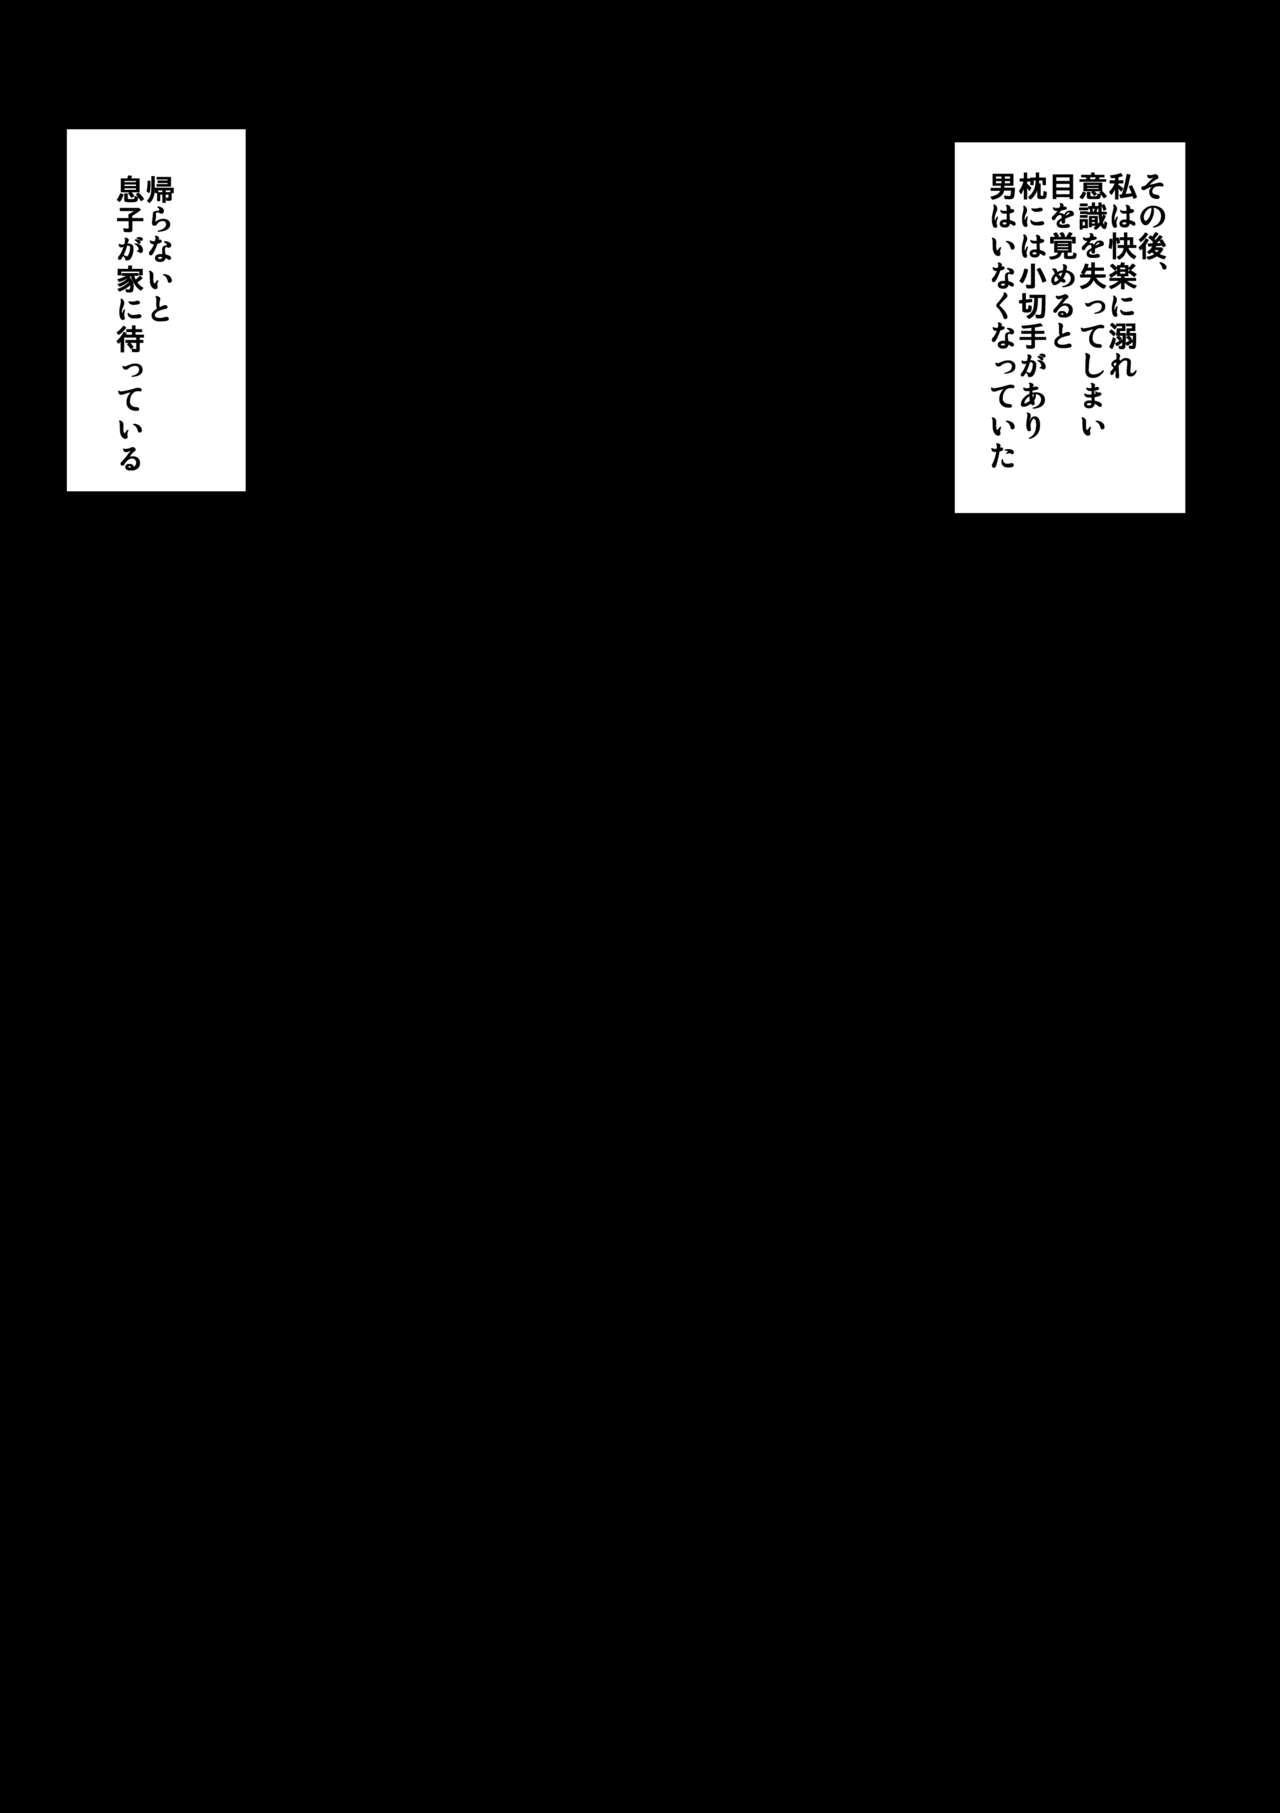 Musuko no Tamenaraba 50